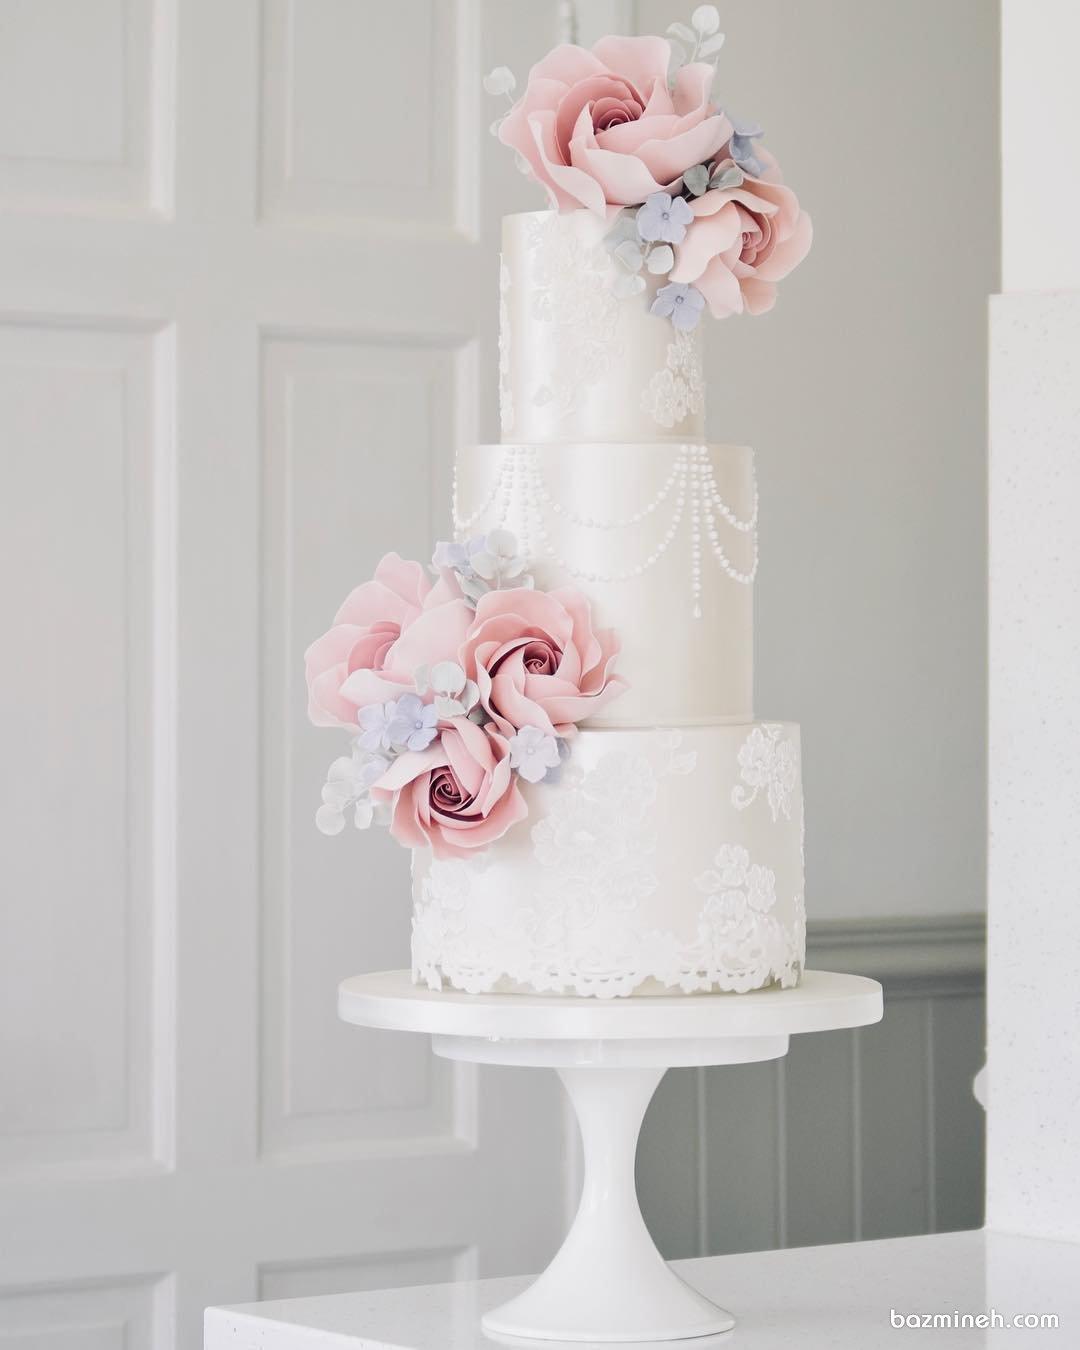 کیک رمانتیک و زیبای جشن نامزدی یا سالگرد عروسی تزیین شده با گل های فوندانت